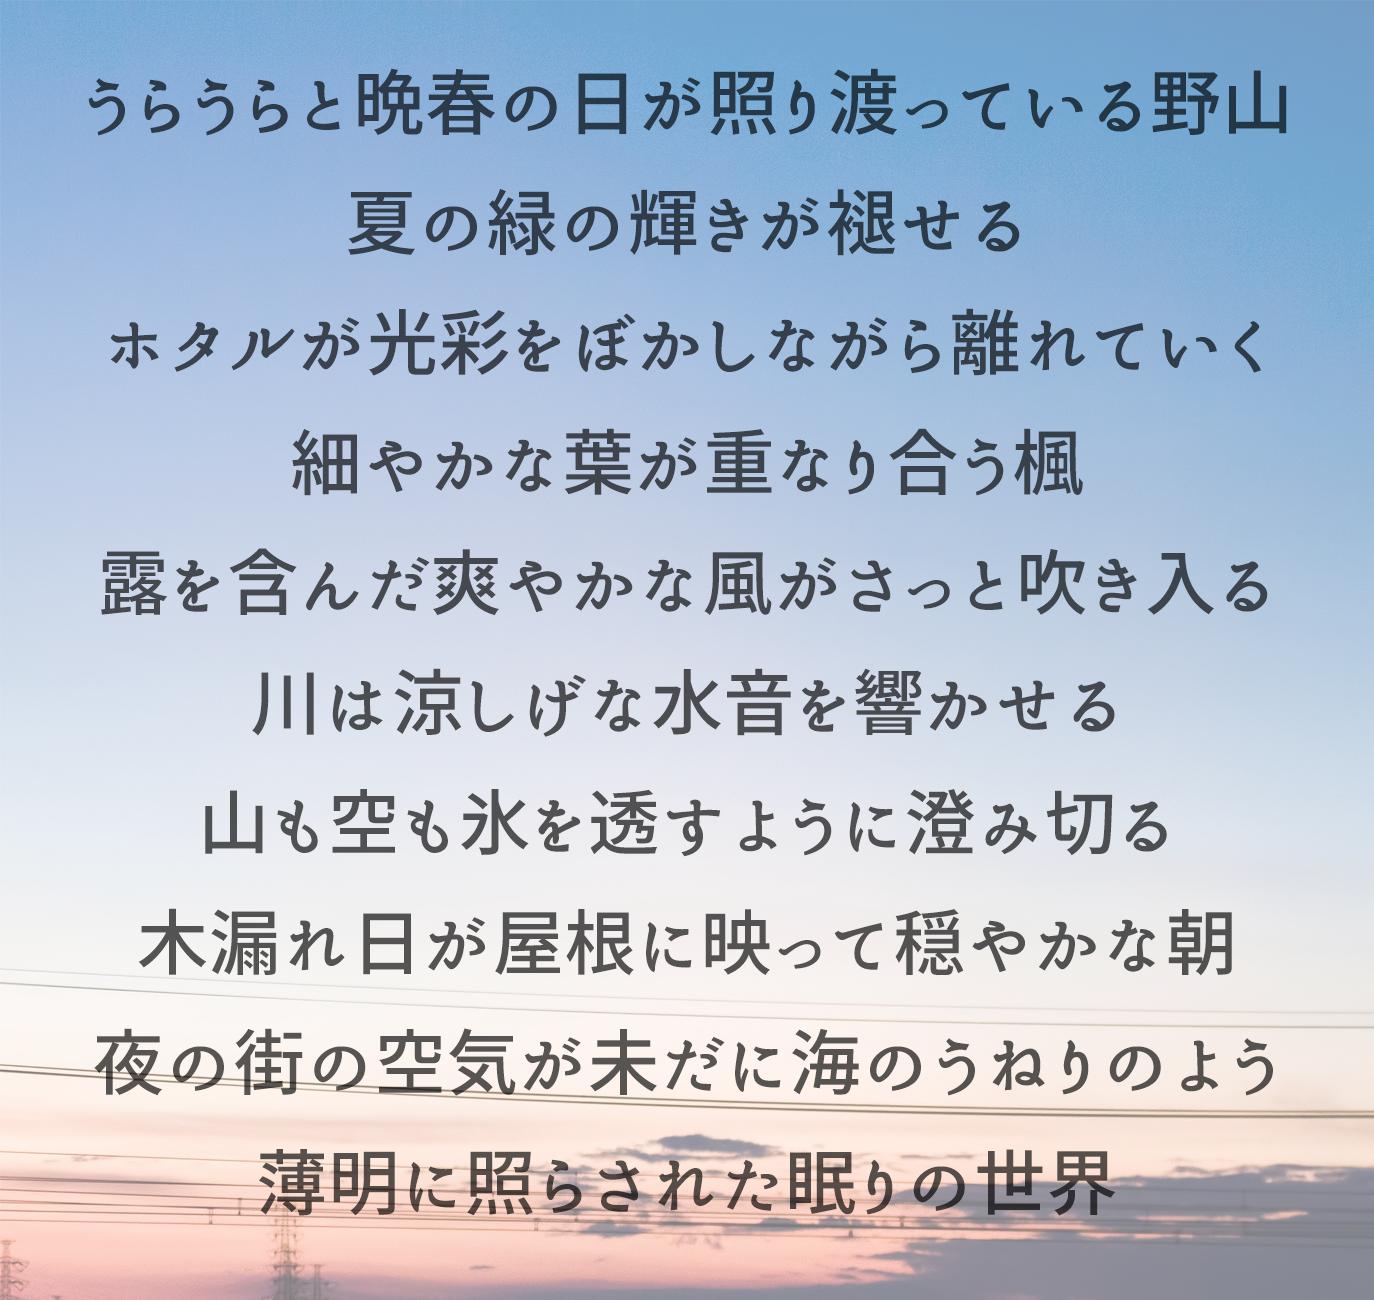 レトロ系フォント「ほのかアンティーク角」無料ダウンロード | free